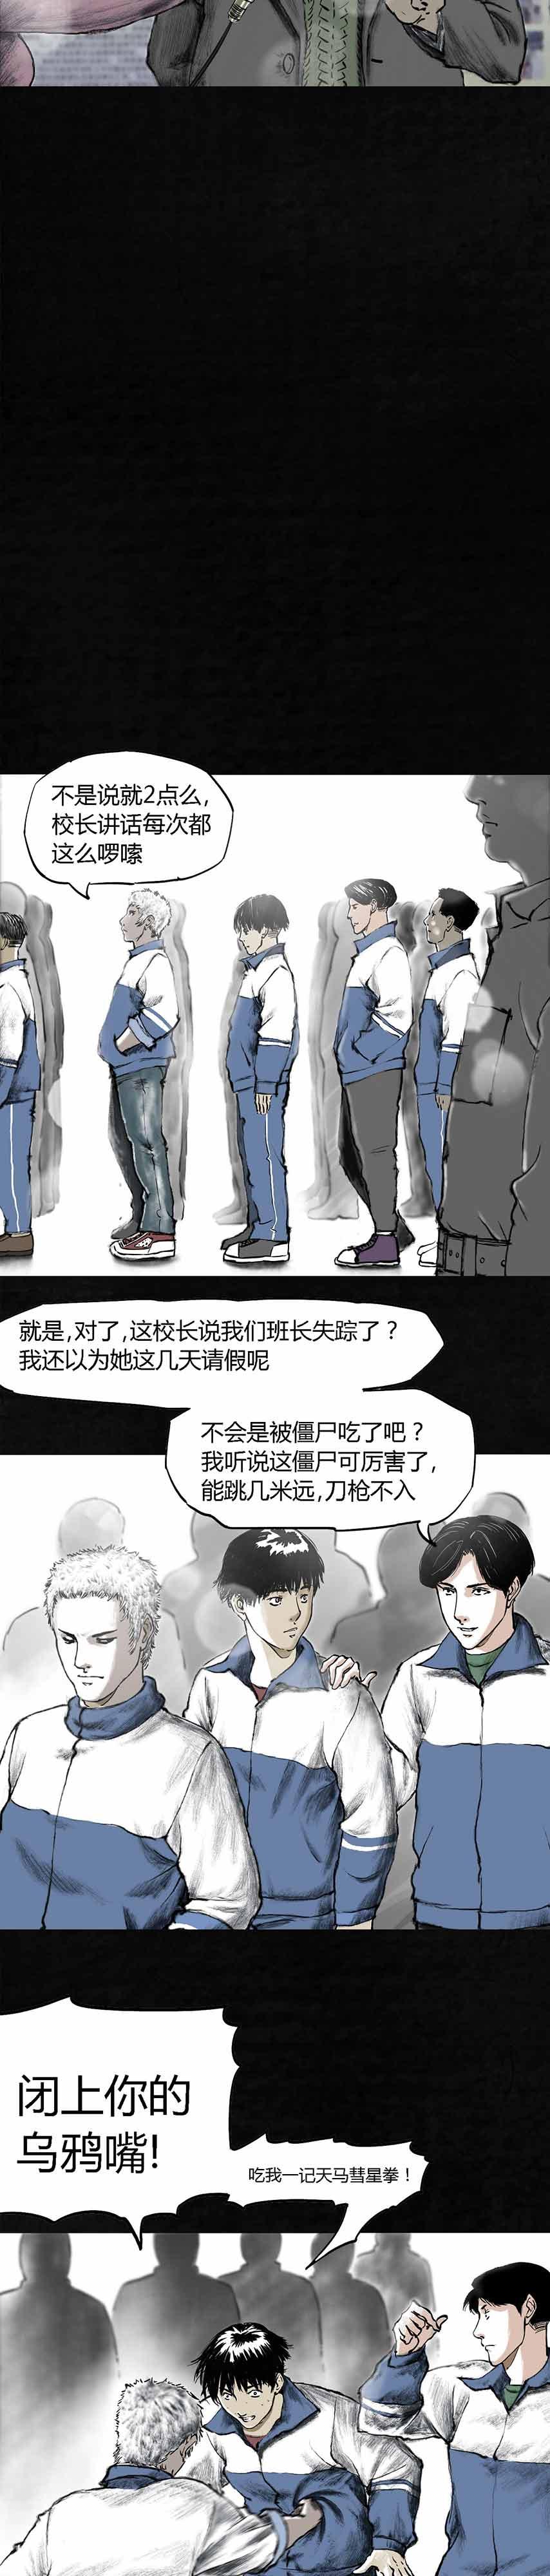 【小漫画】你就这样别动,让我来...